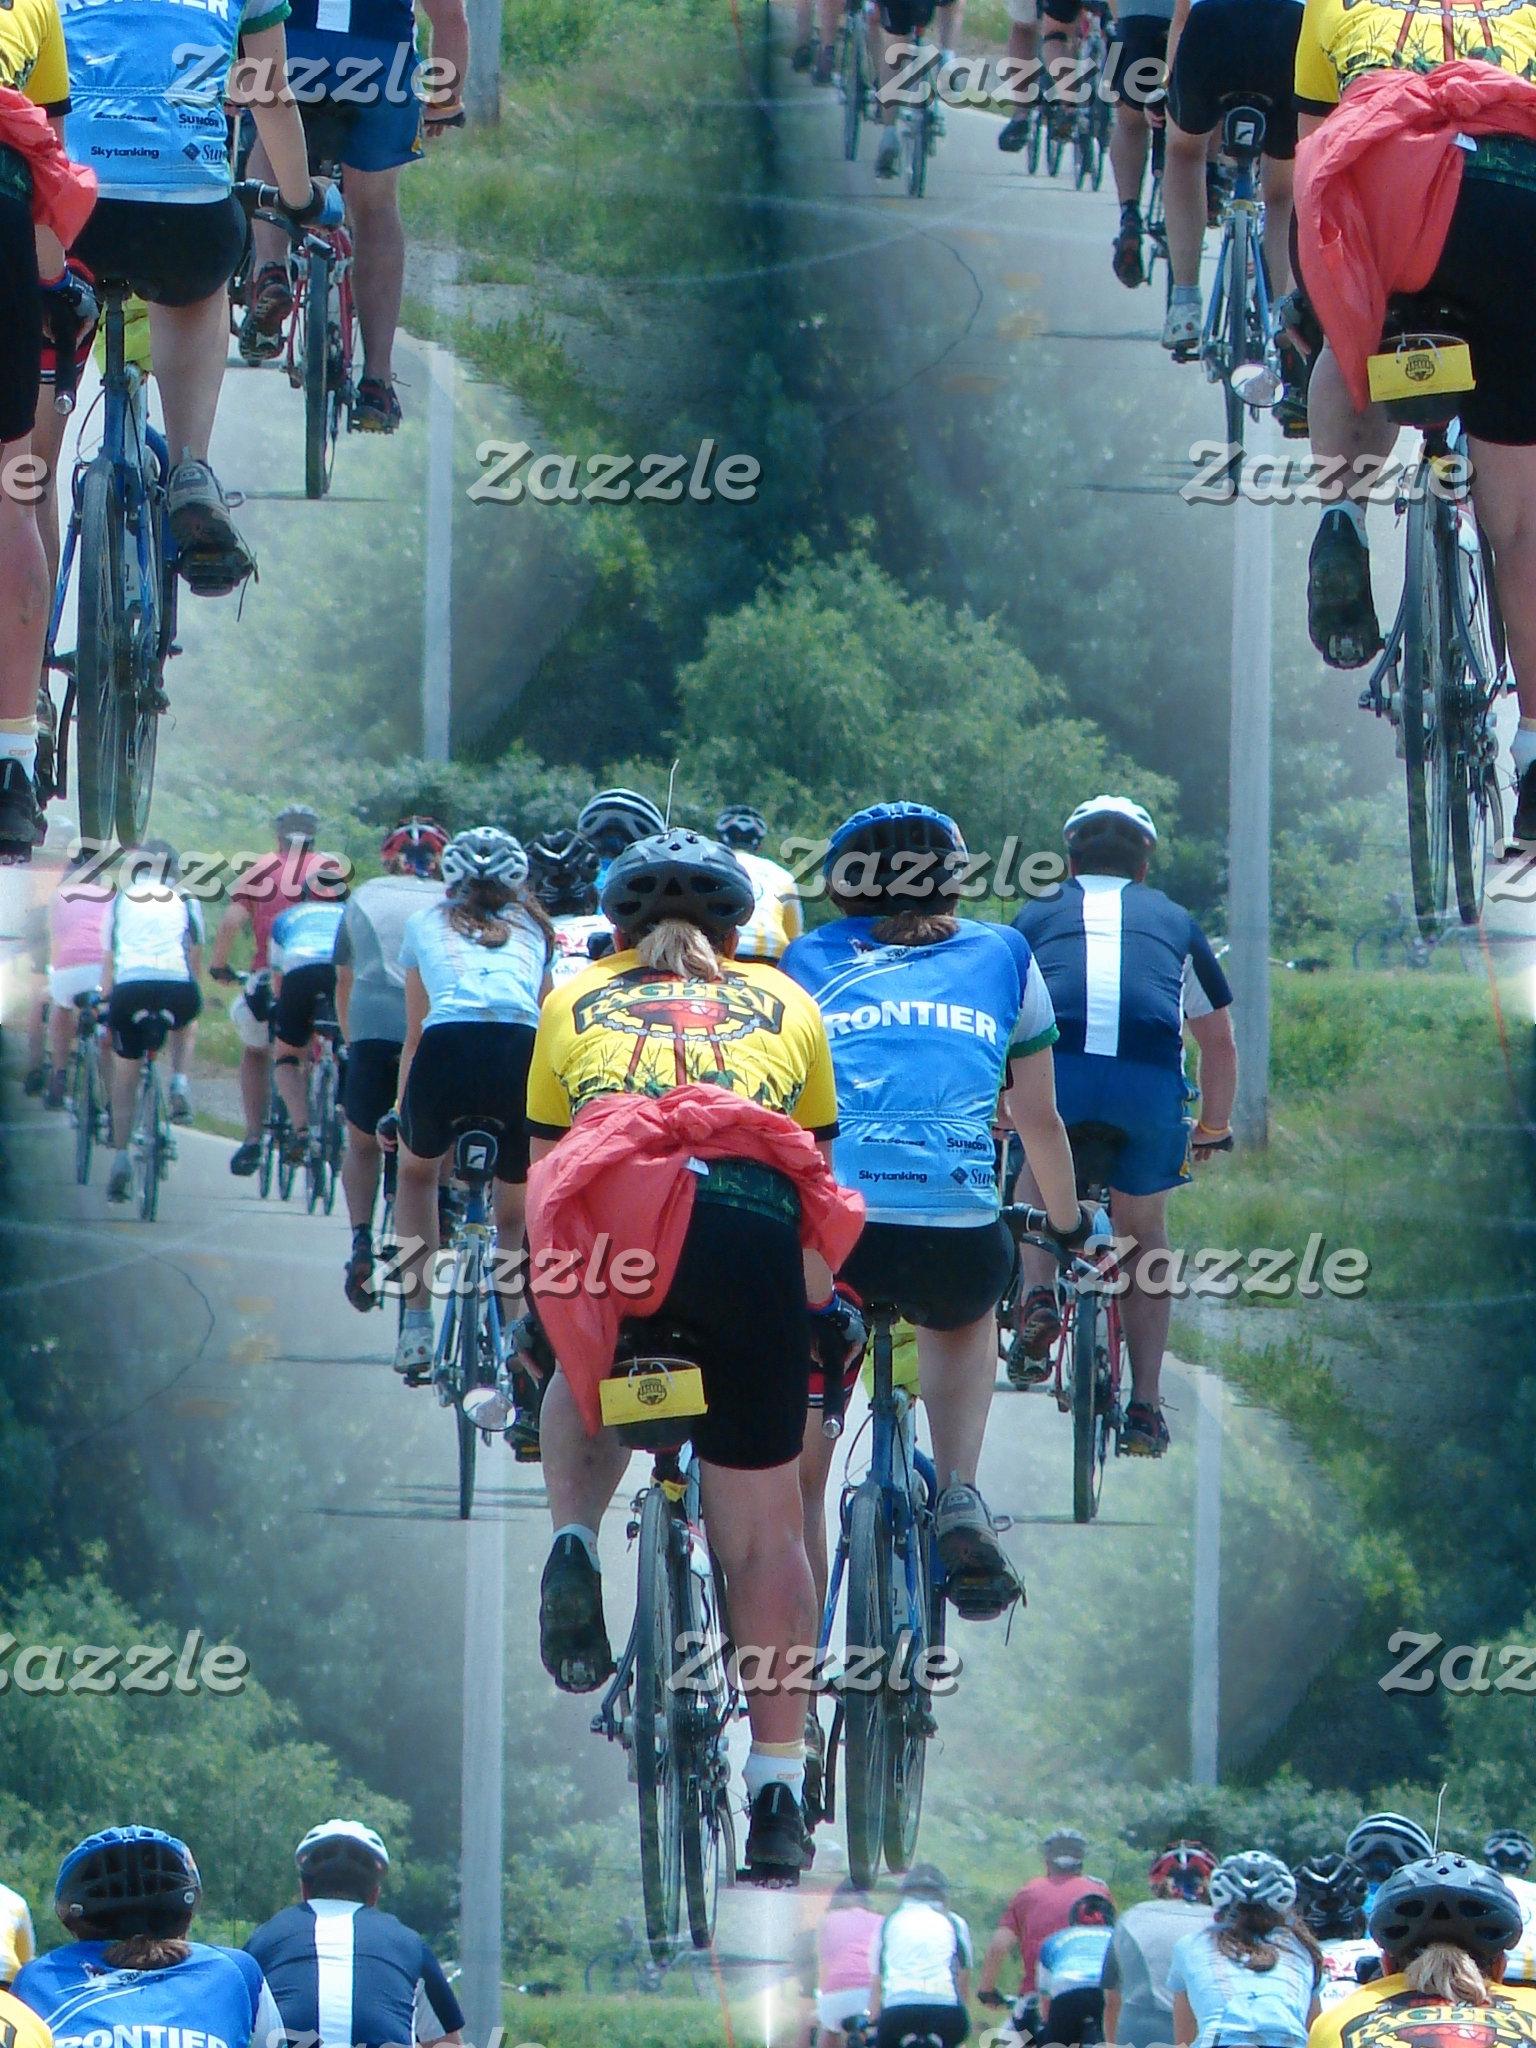 2009 Bike Tour Across Iowa